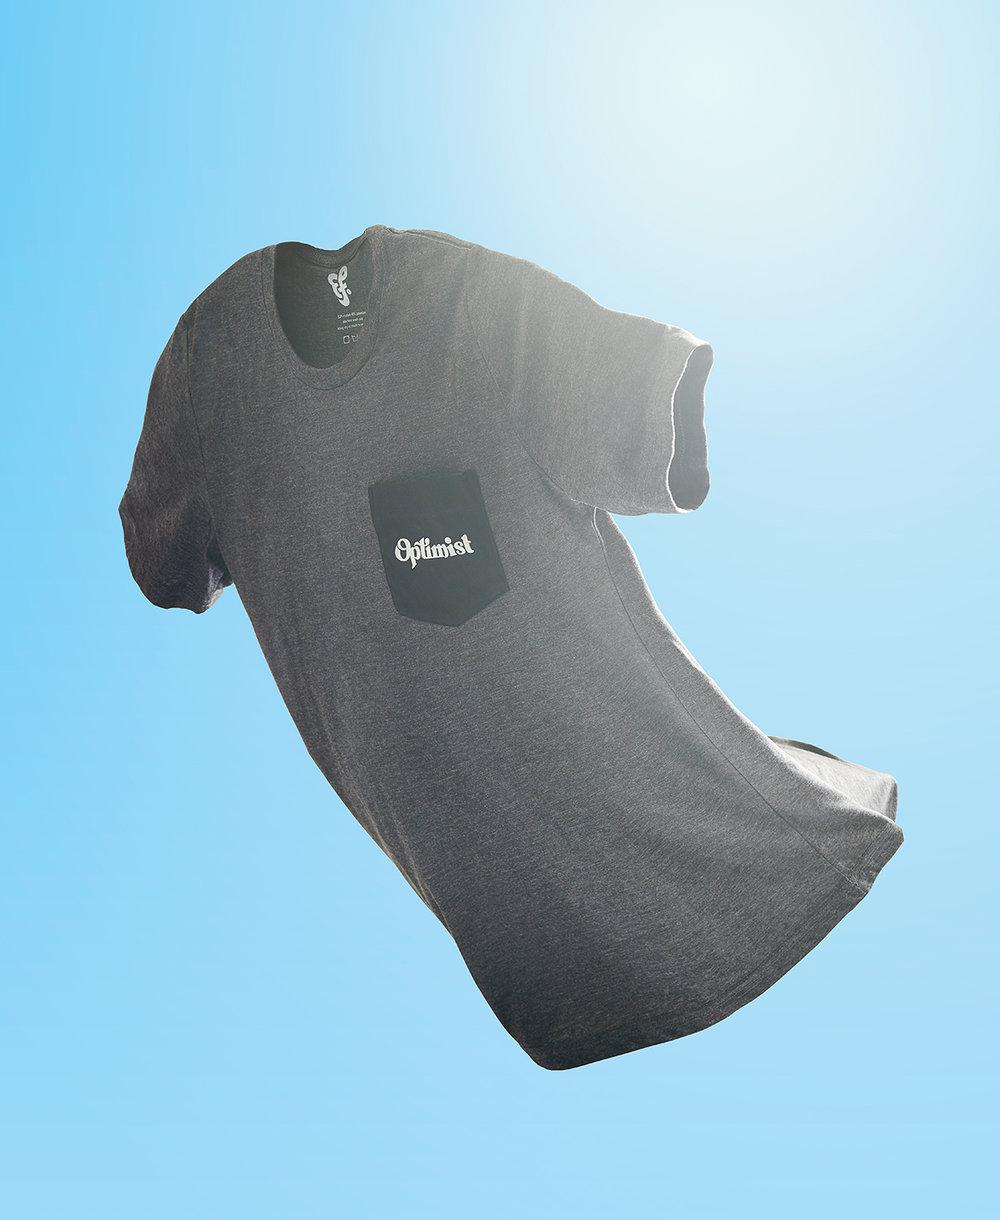 Efdot_Optimist_Shirt_falling.jpg